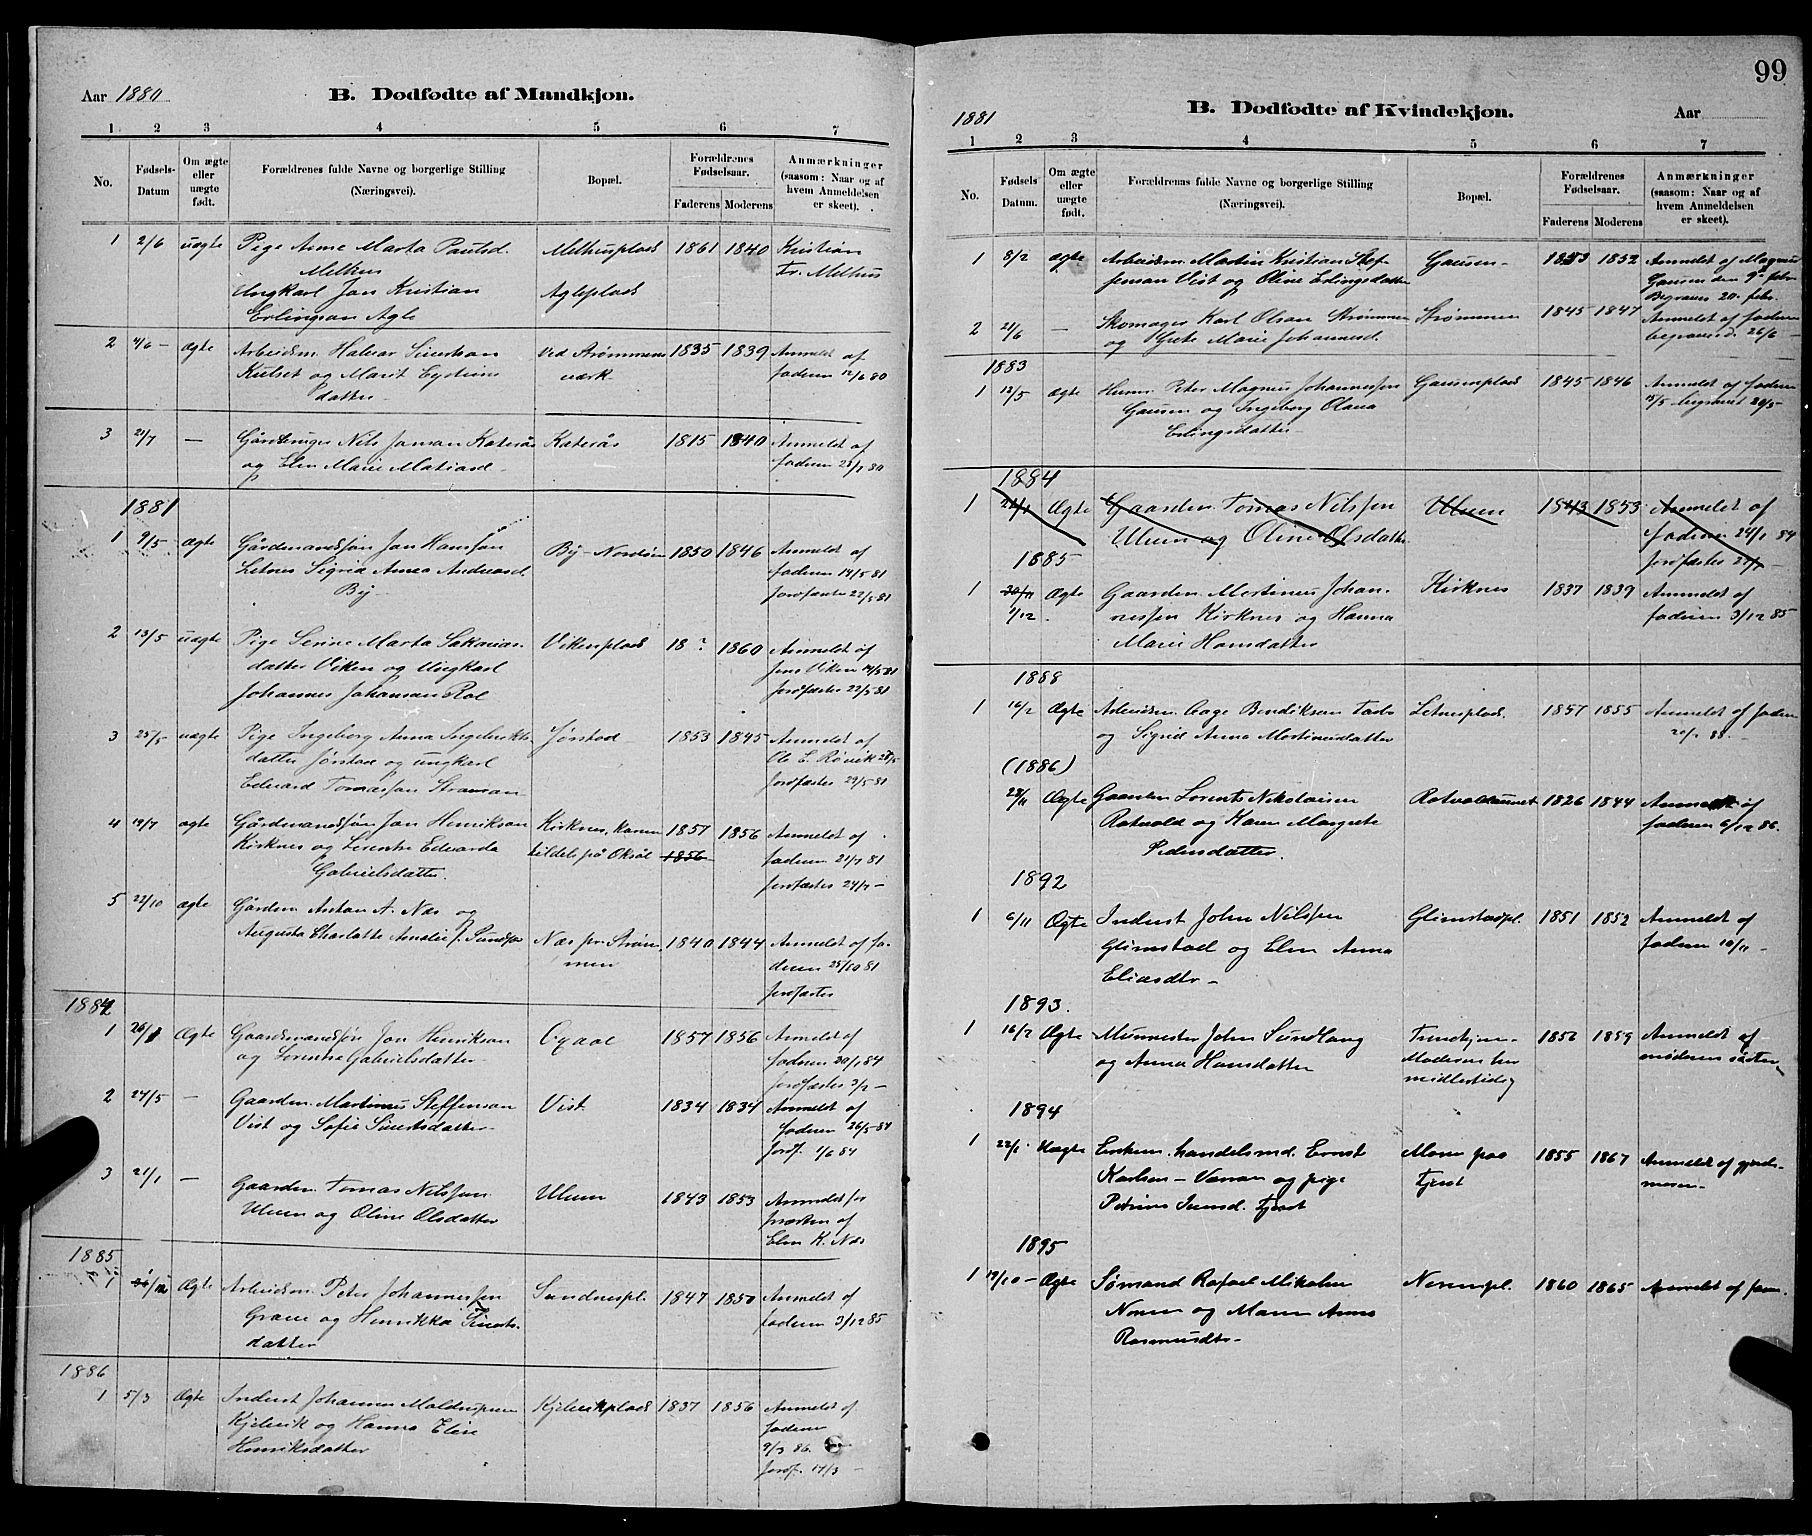 SAT, Ministerialprotokoller, klokkerbøker og fødselsregistre - Nord-Trøndelag, 730/L0301: Klokkerbok nr. 730C04, 1880-1897, s. 99